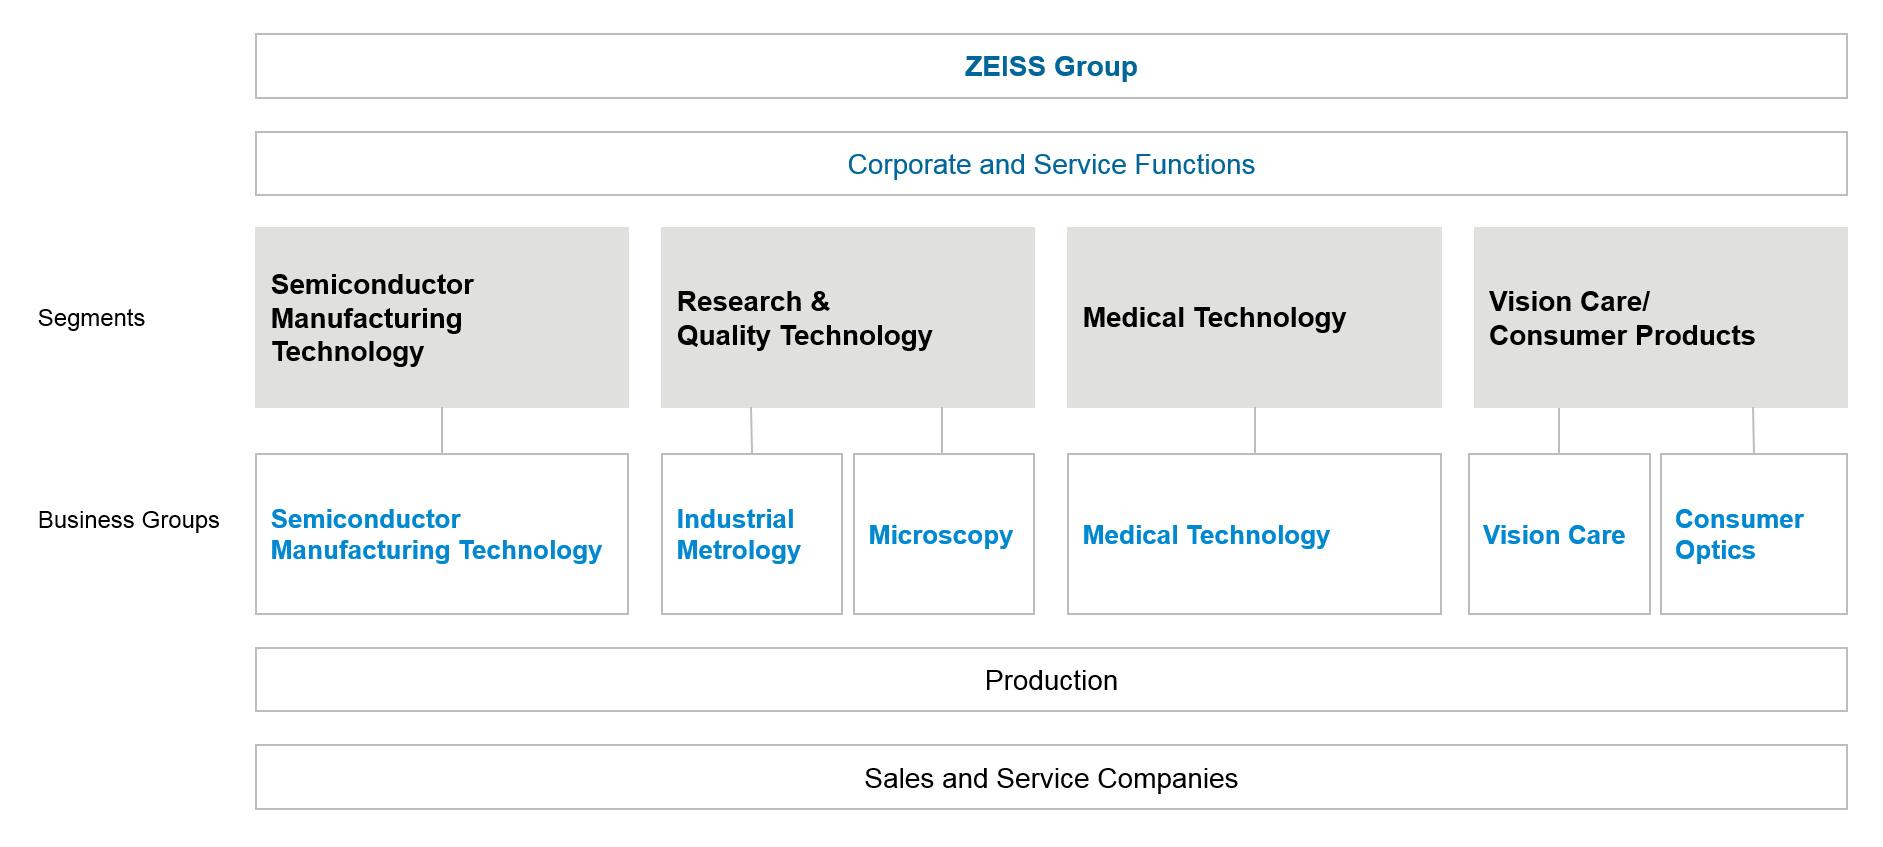 eab7d4e40b Catálogo de la empresa ZEISS